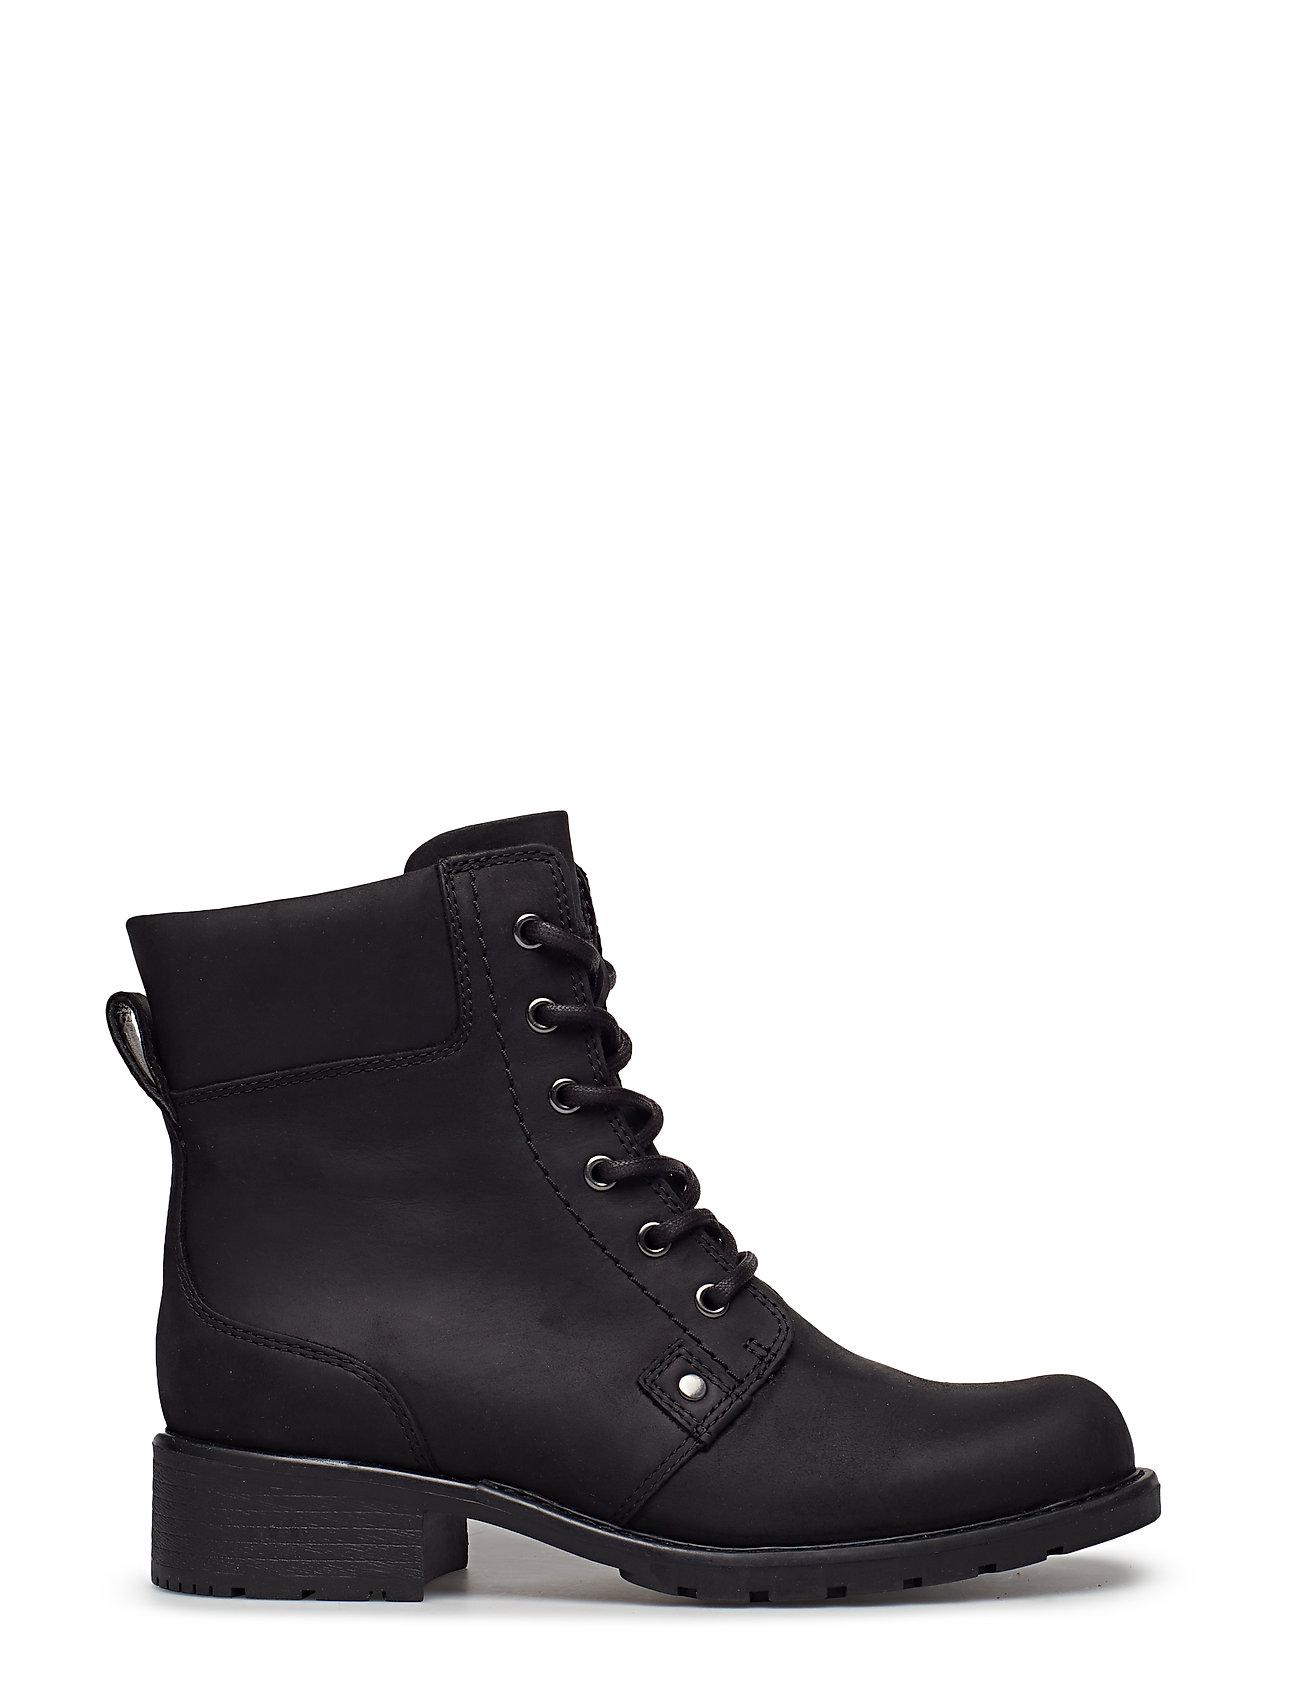 Clarks - Orinoco Spice - flate ankelstøvletter - black leather - 1